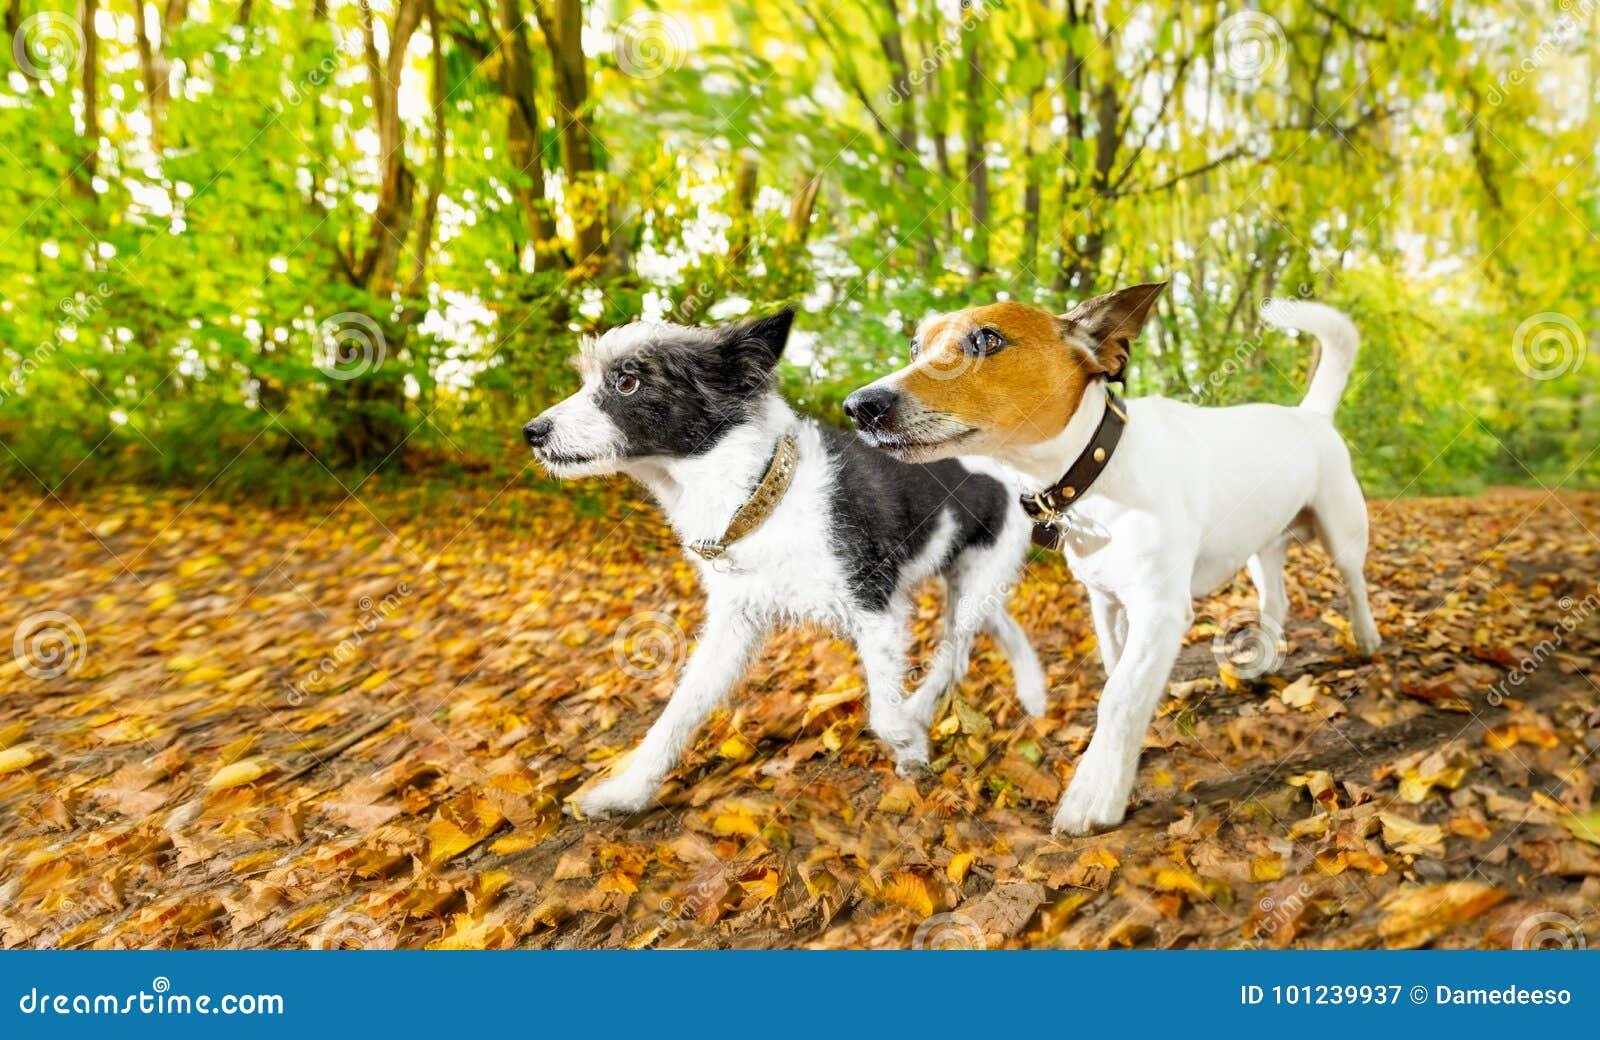 Hunde, die in Herbst laufen oder gehen